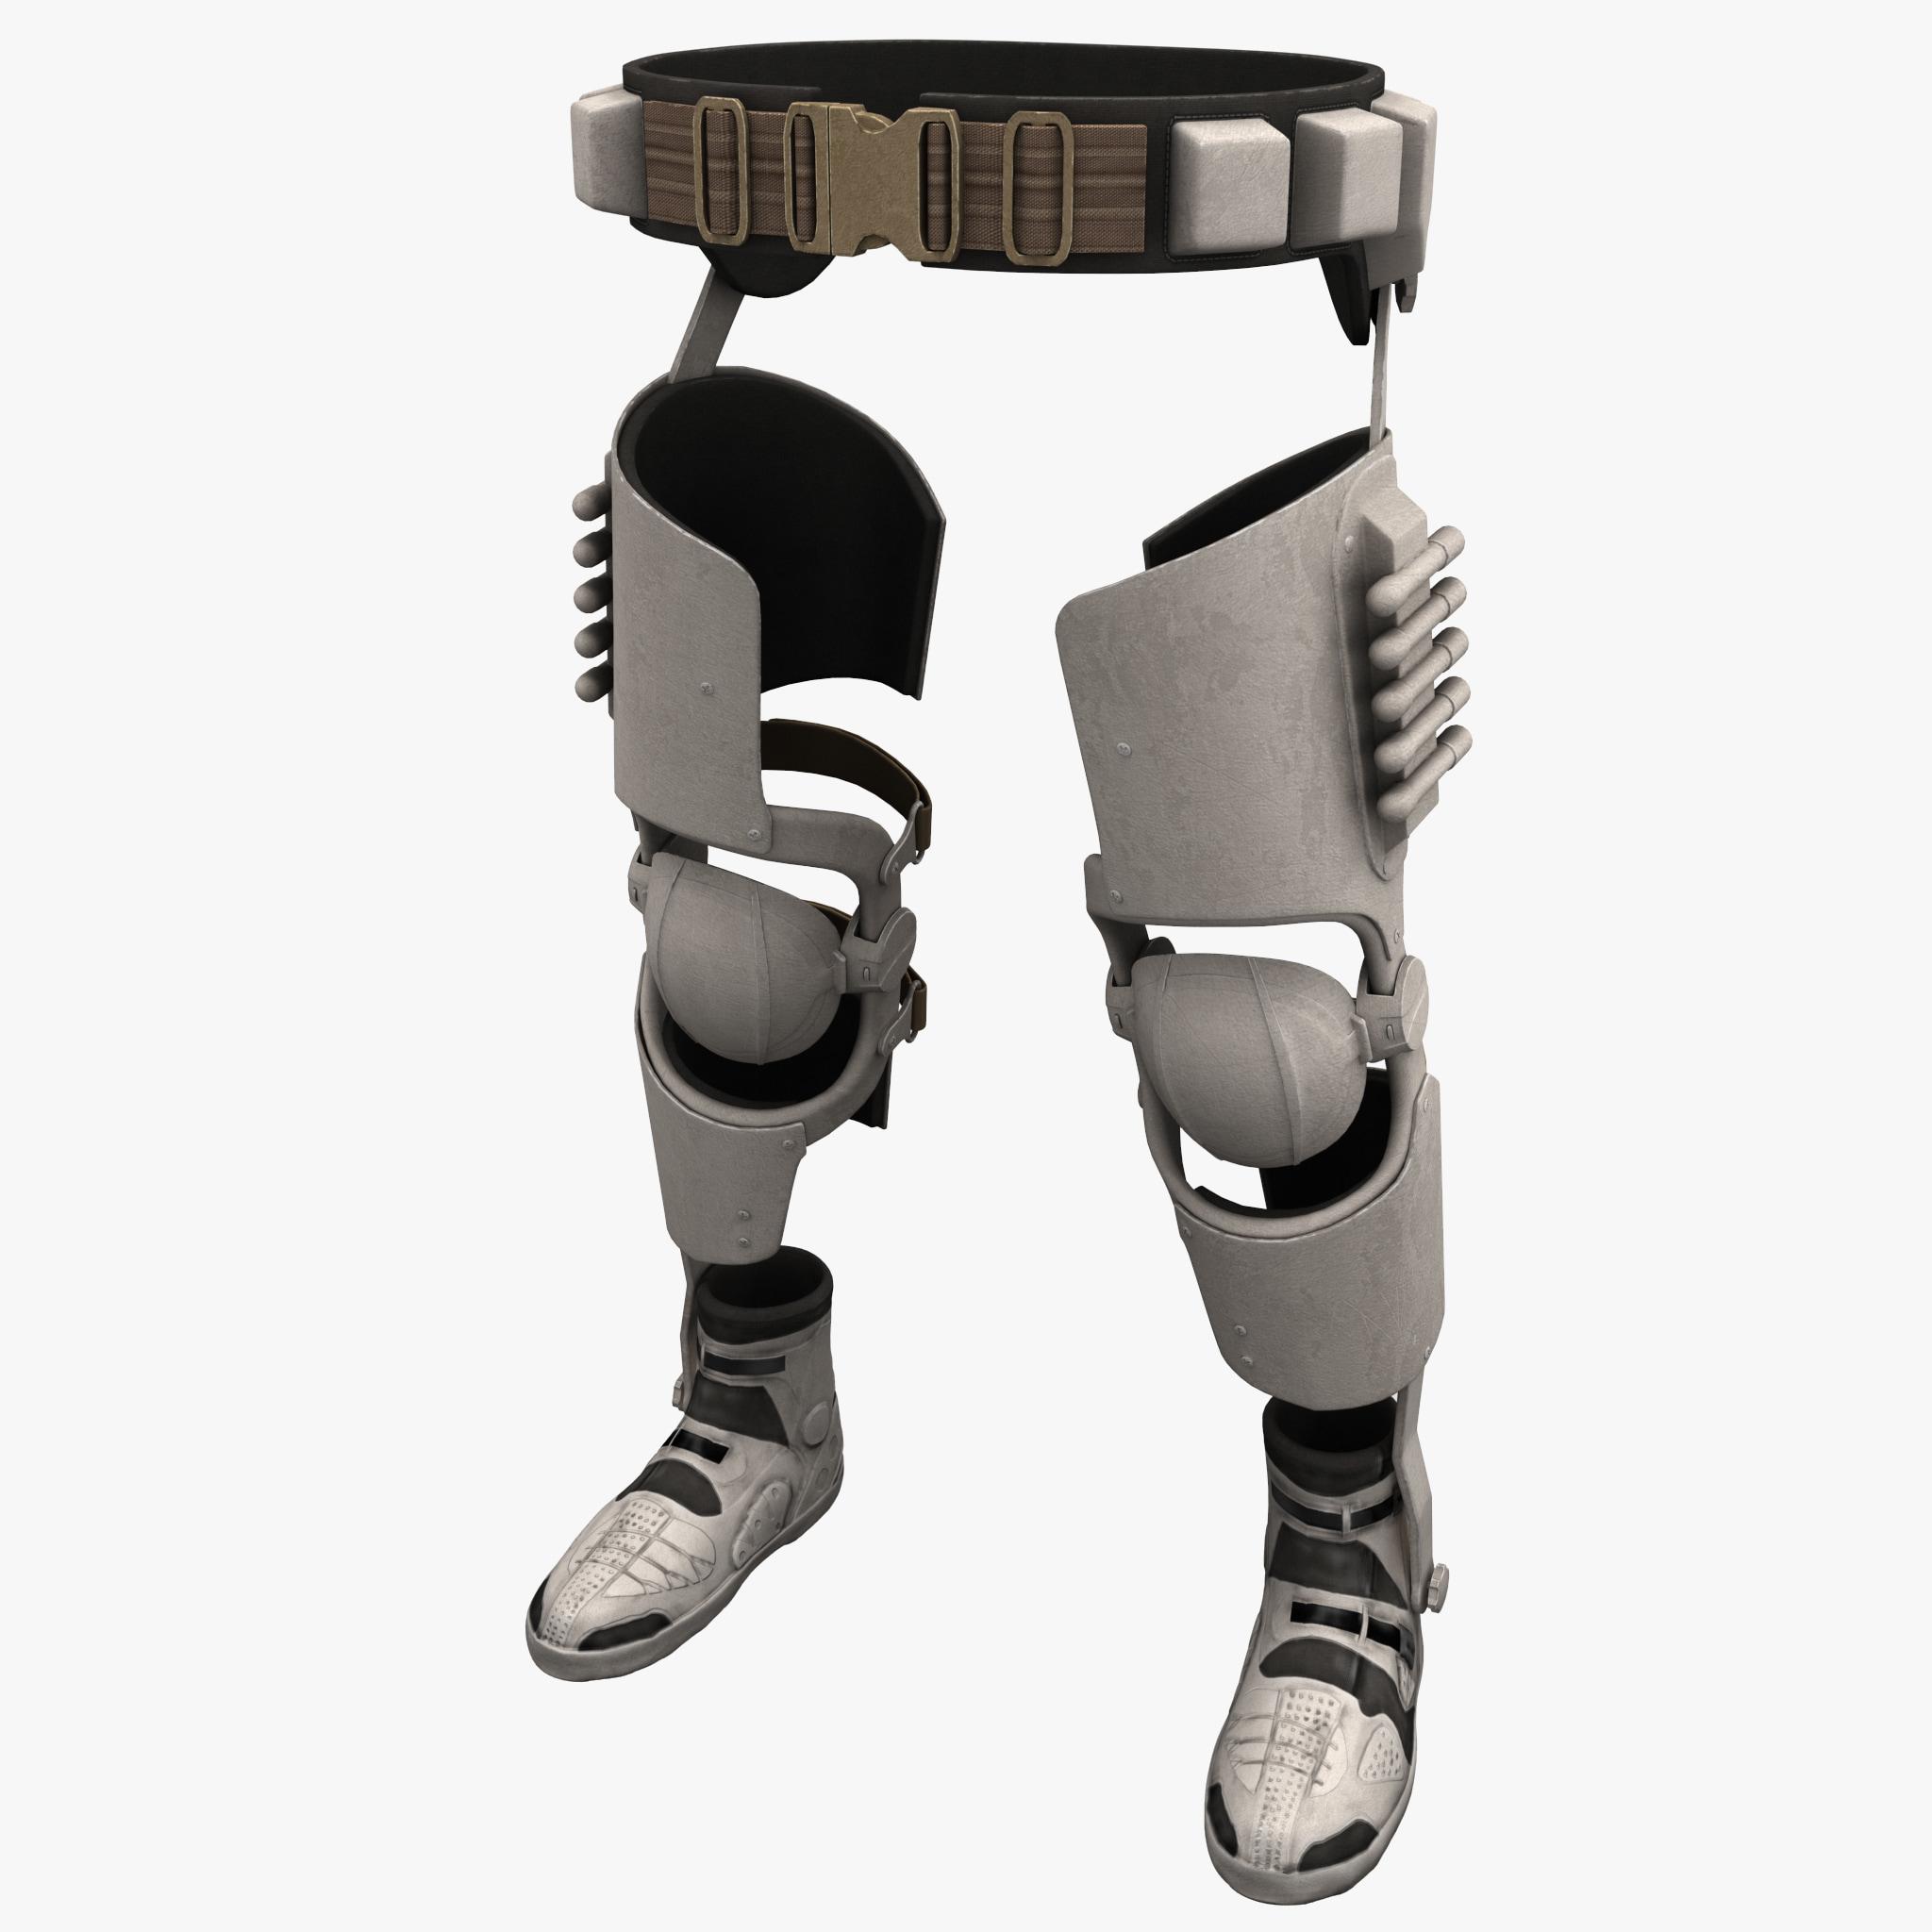 Futuristic Soldier Legs Armor_1.jpg